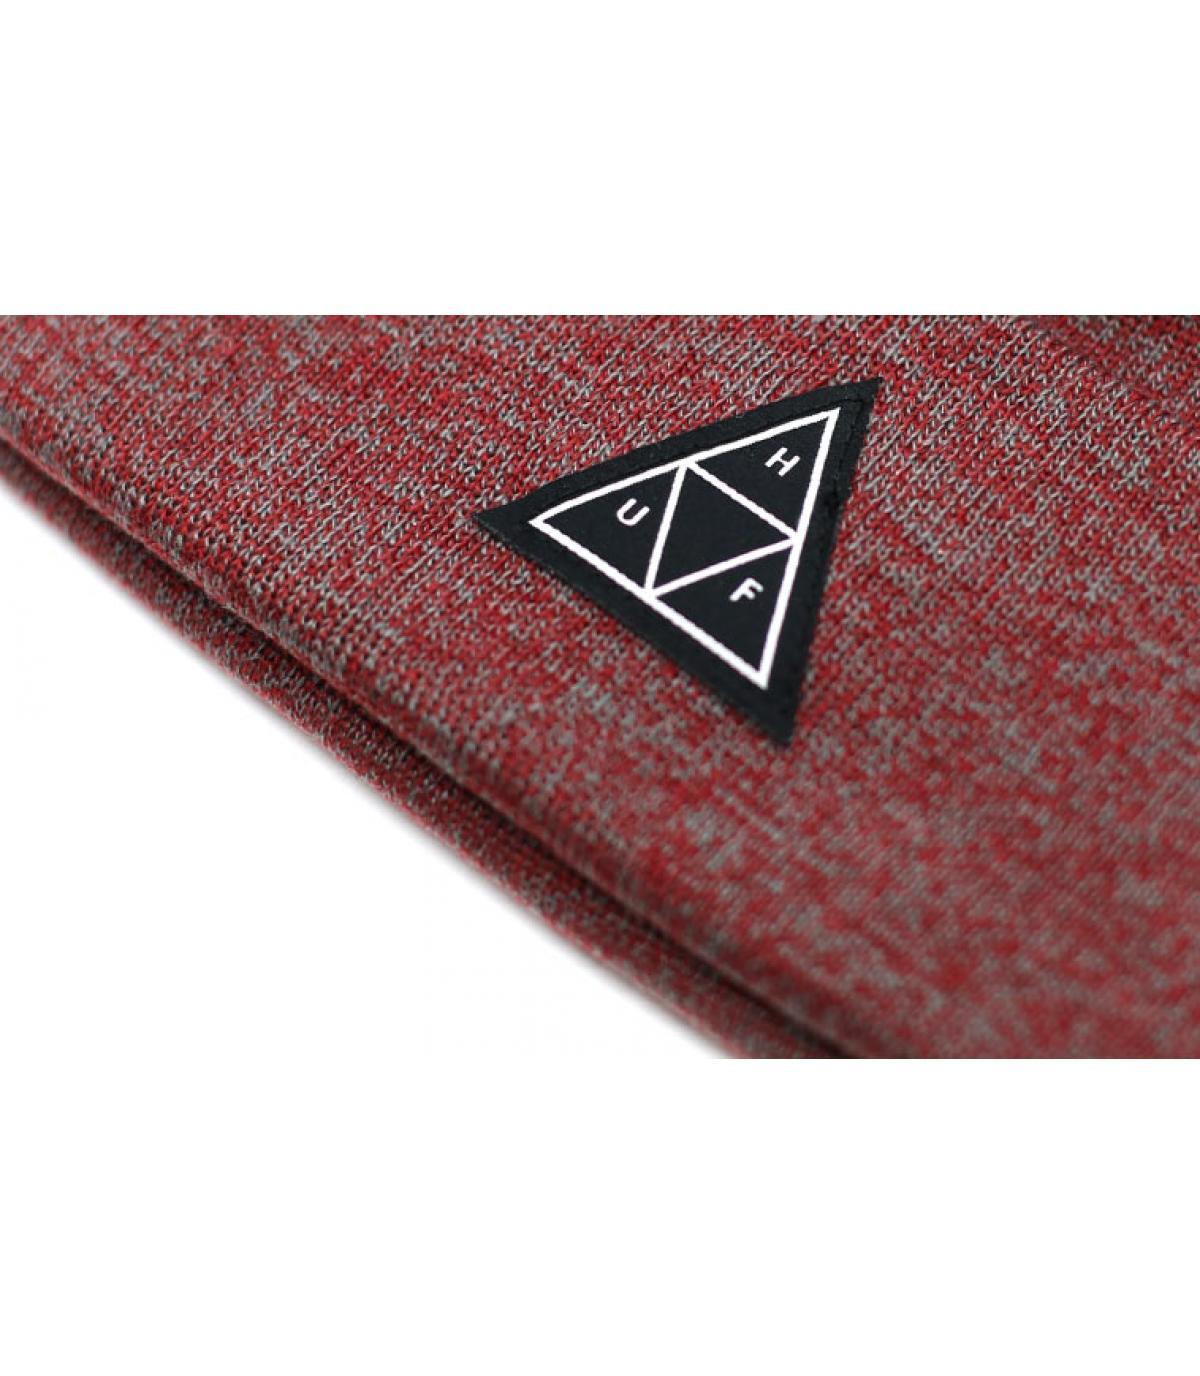 Détails Triple Triangle Beanie terra cotta - image 3